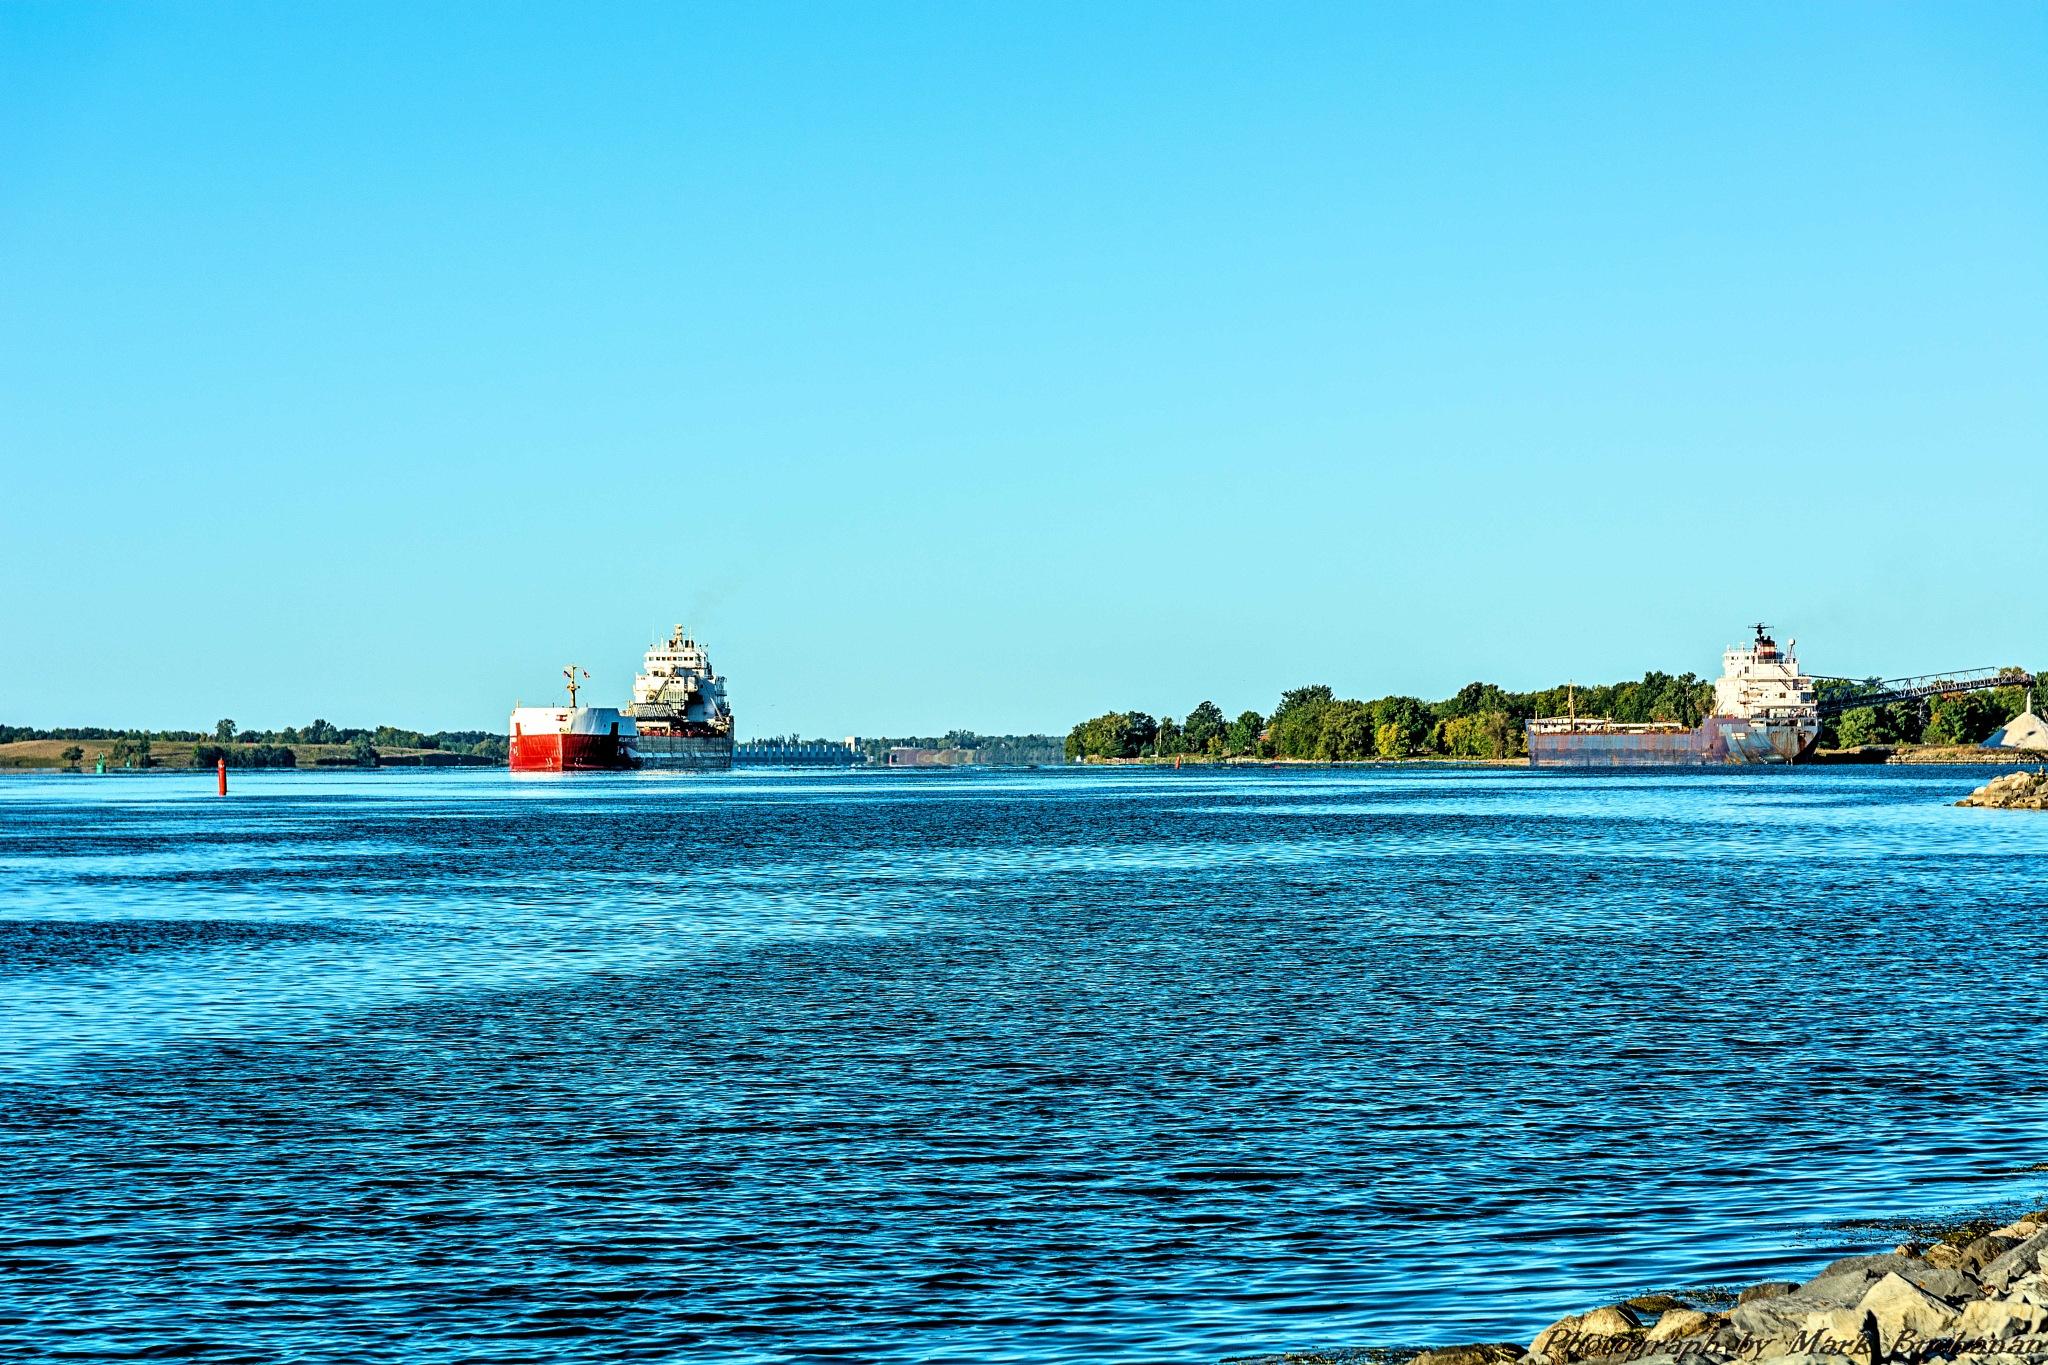 Seaway freighters by Mark Buchanan